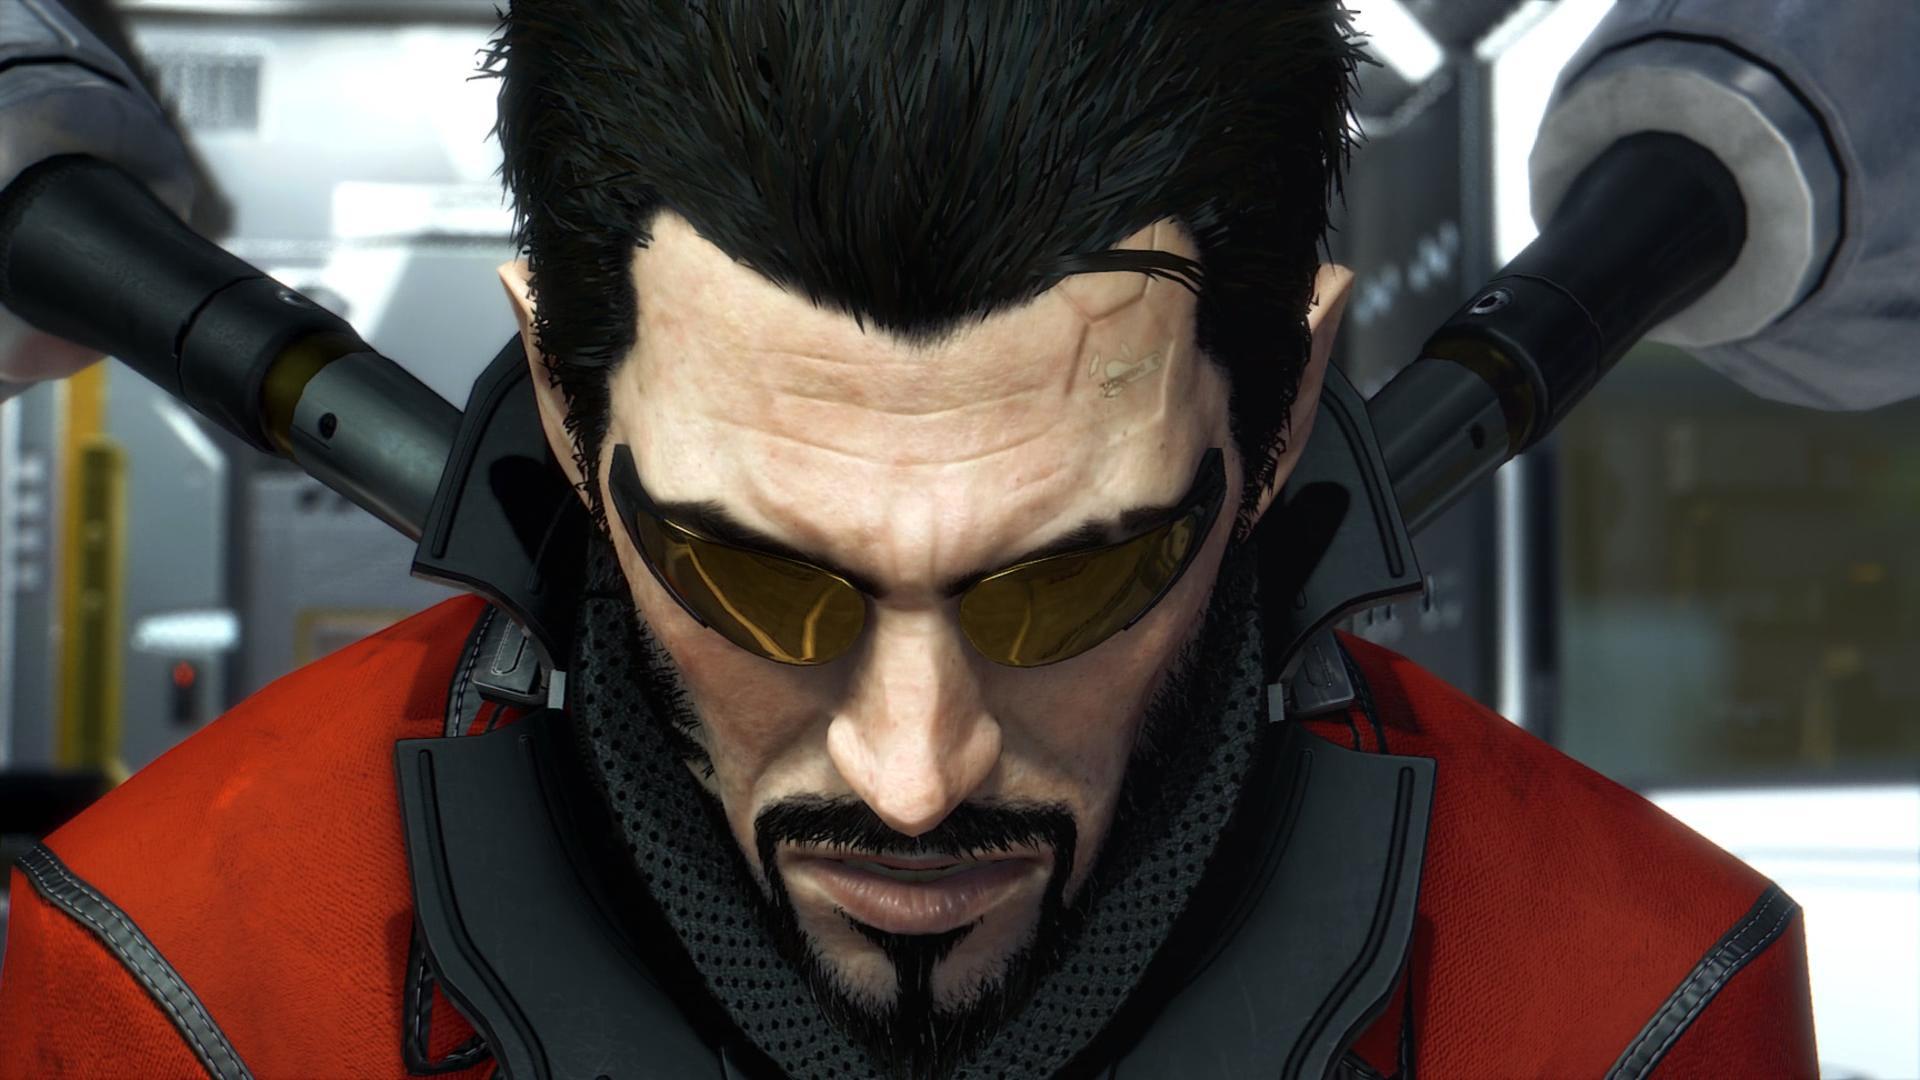 000339.Jpg - Deus Ex: Mankind Divided